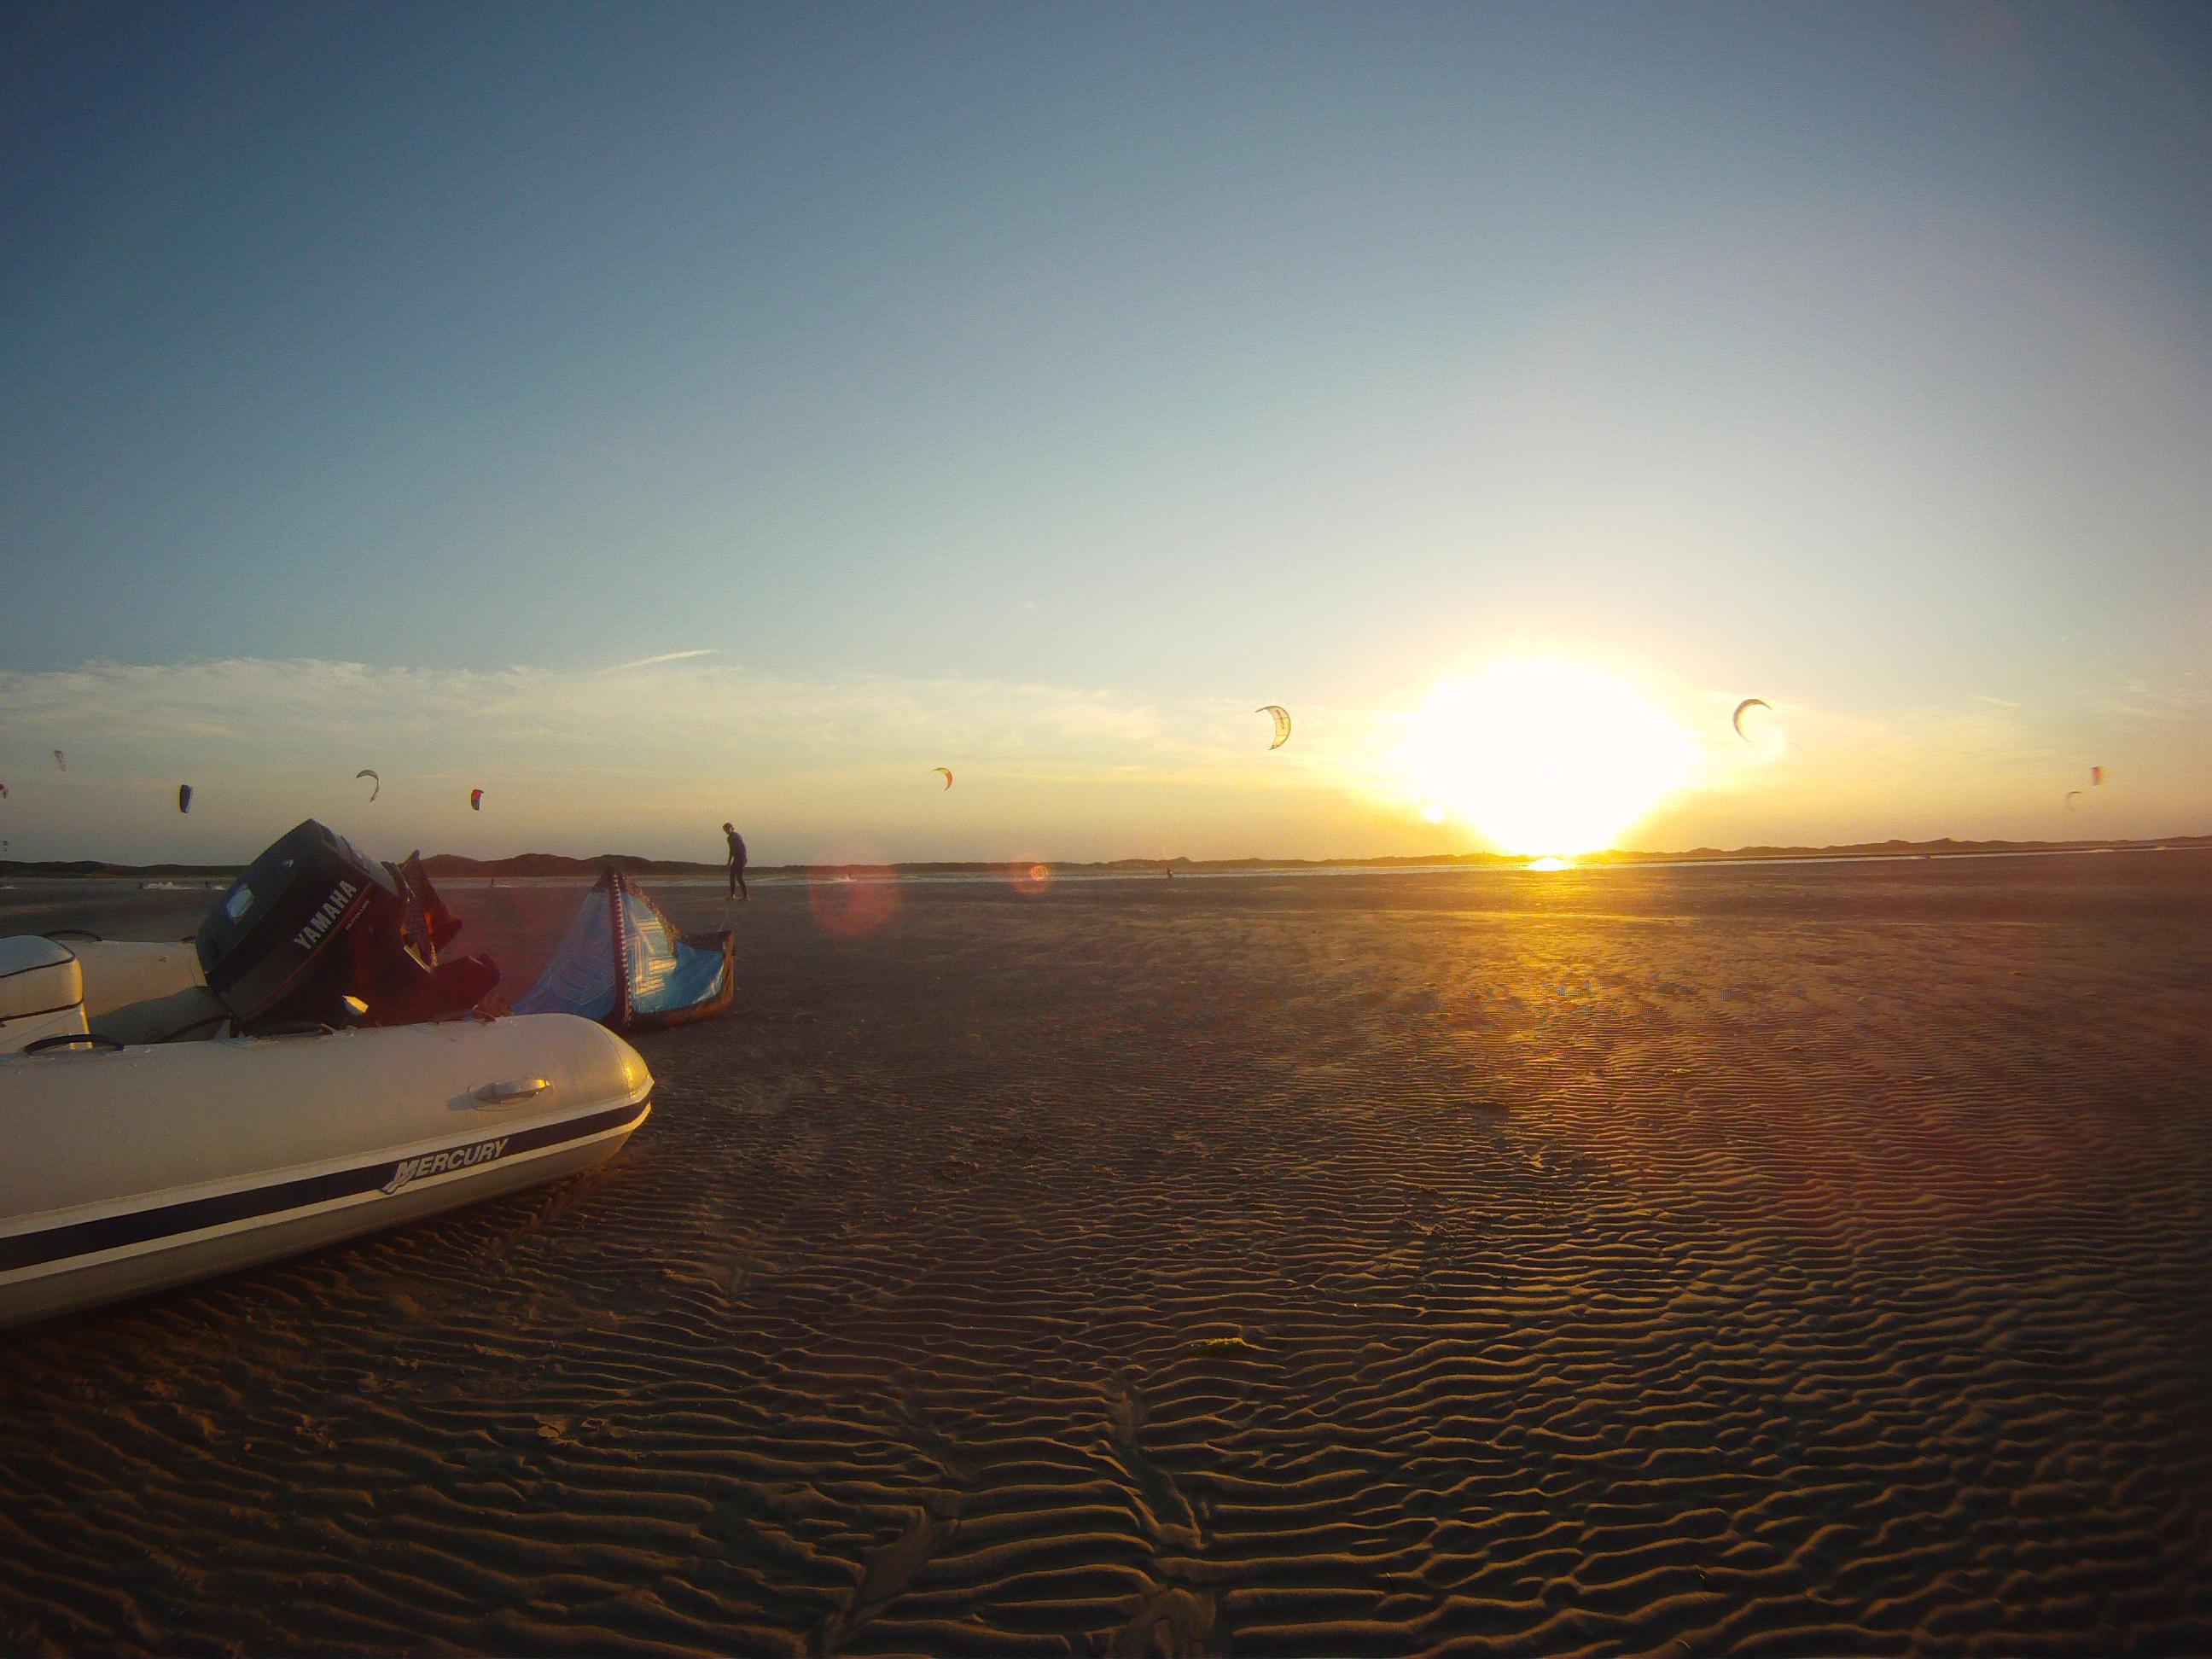 Kiteschule Sylt an der Nordsee Kiten lernen im Kitesurfkurs mit Suedkap Surfing Sylt